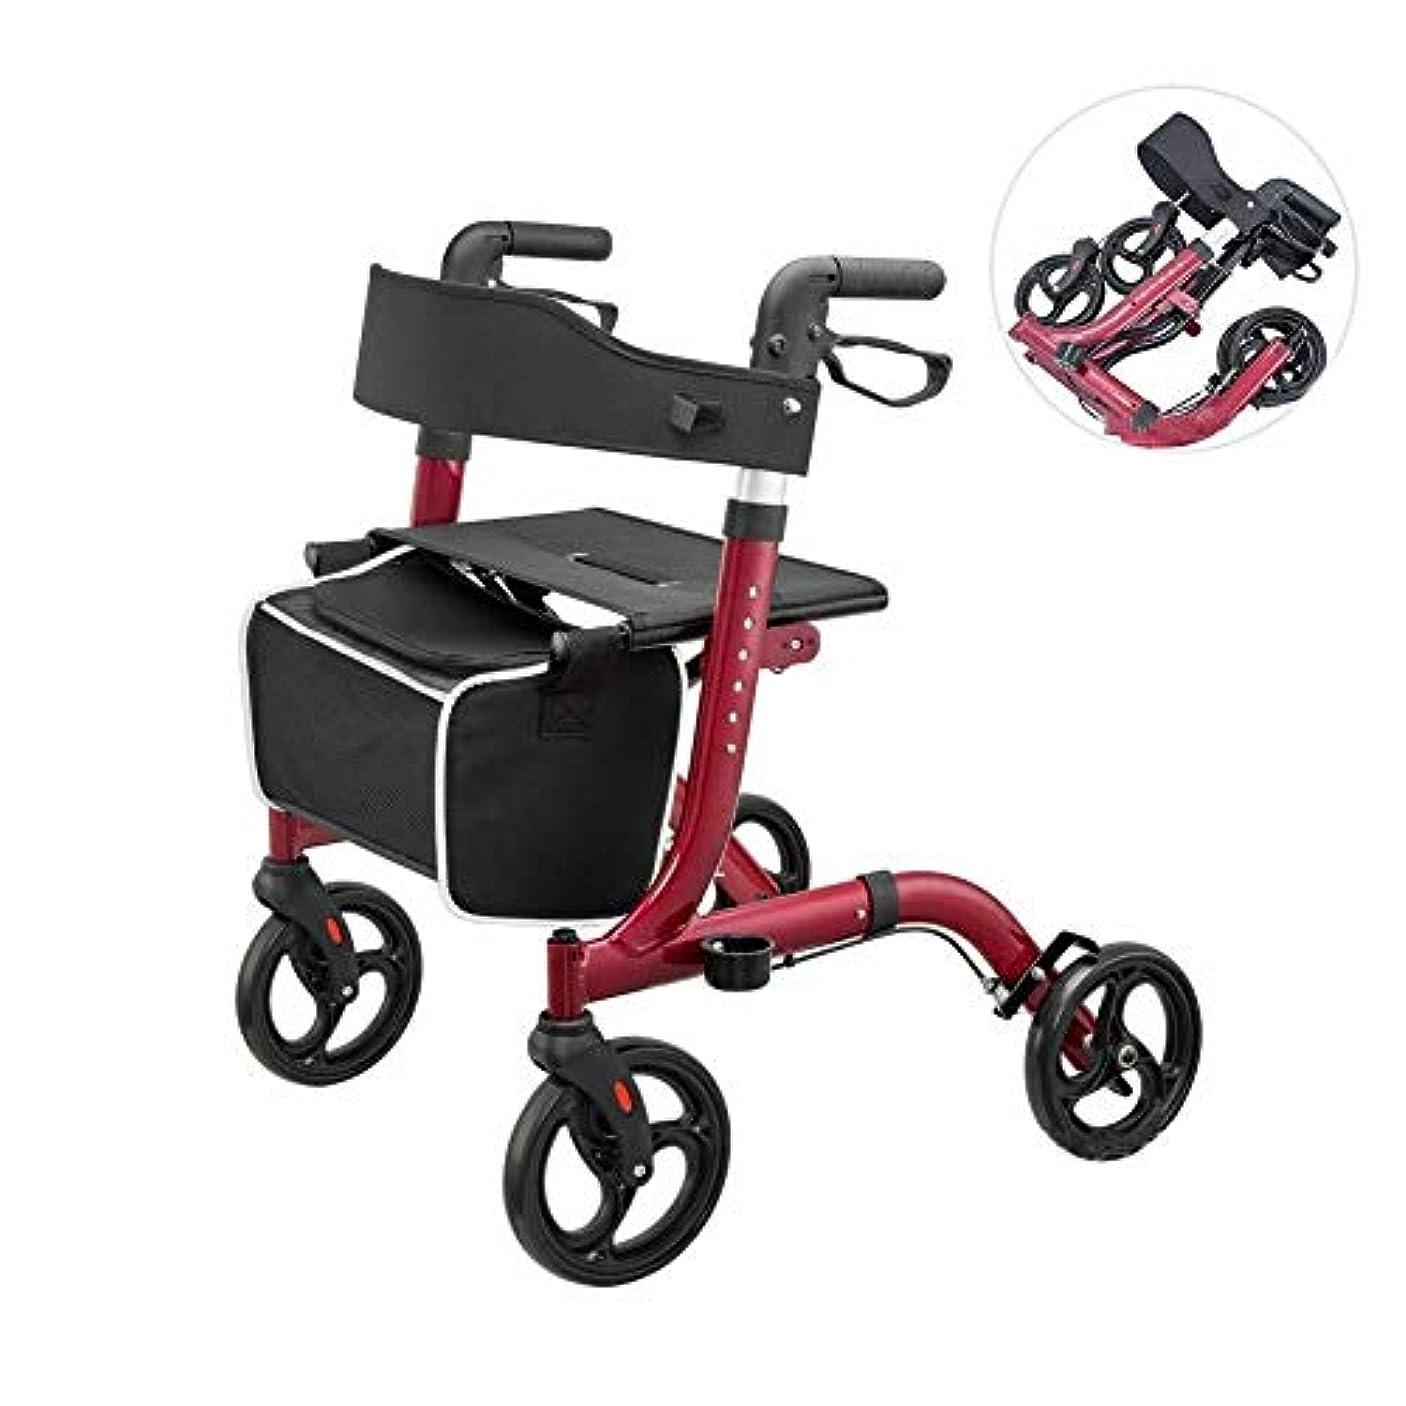 誓約信仰メロディー障害者および老人用の座席と買い物かごを備えた軽量折りたたみ式歩行器